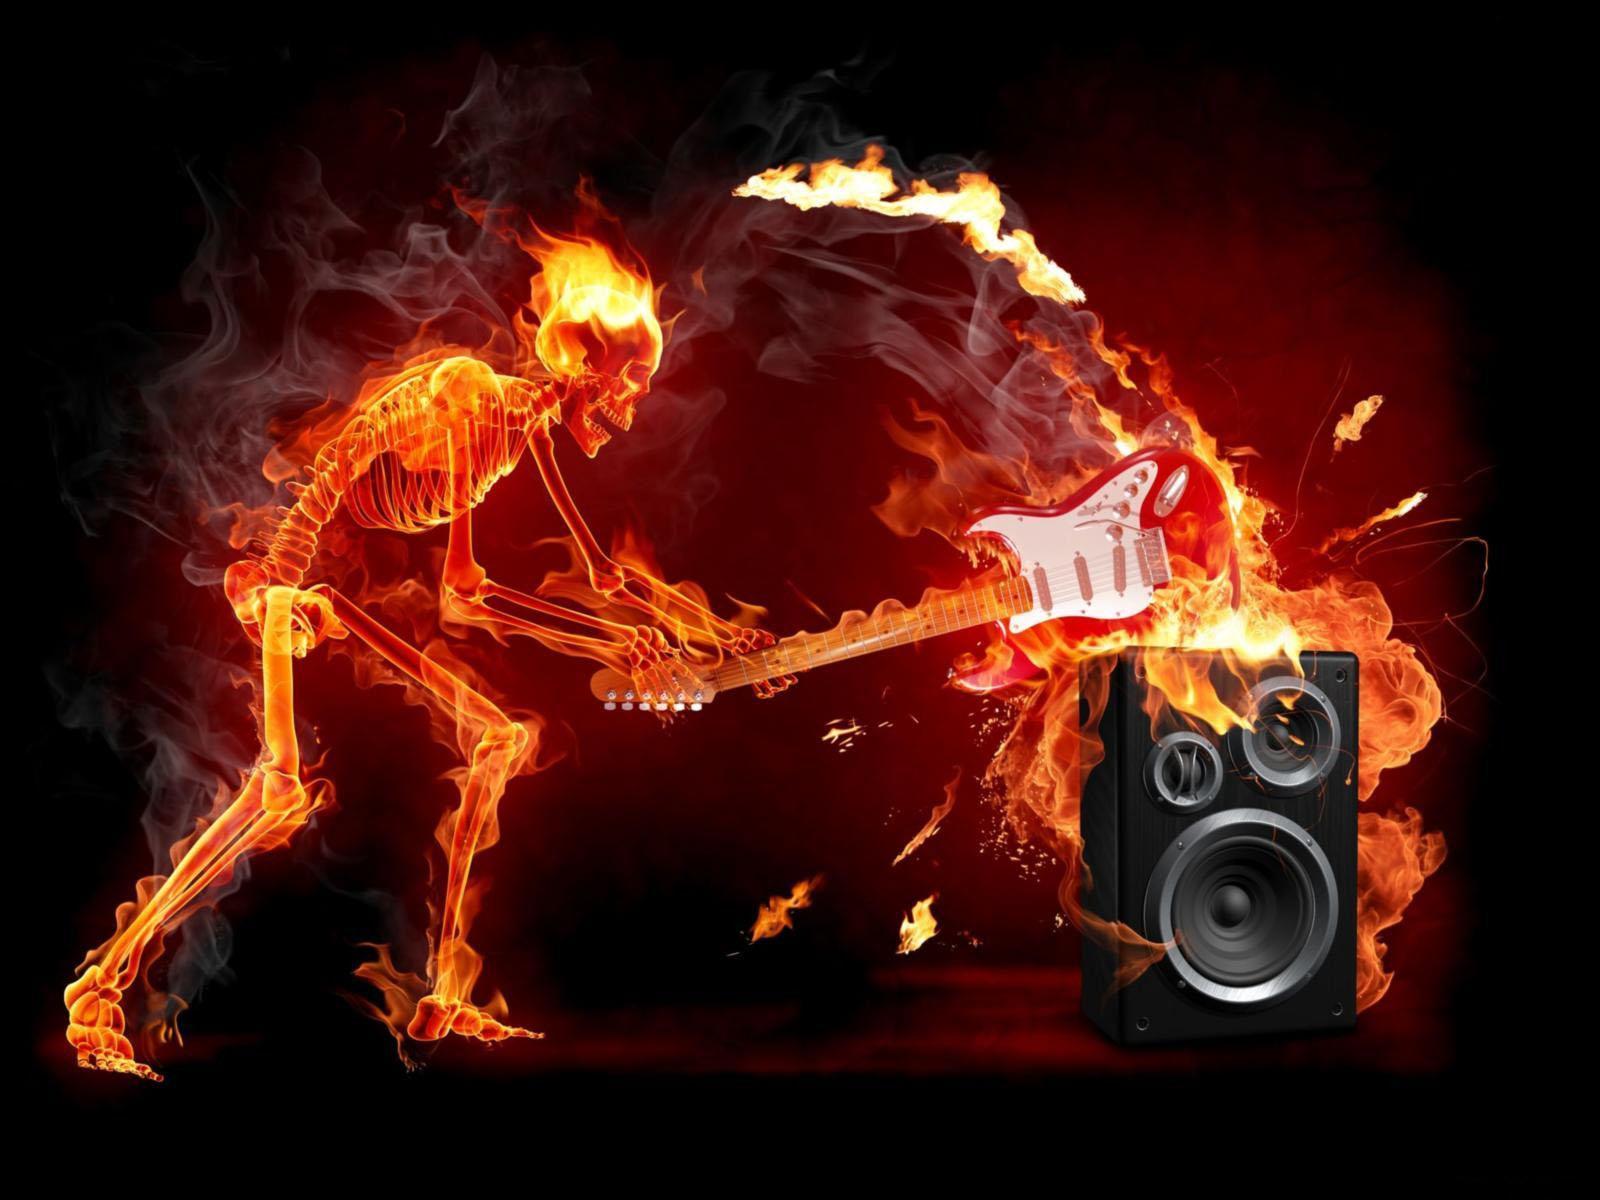 آتش| wWw.CampFa.Ir